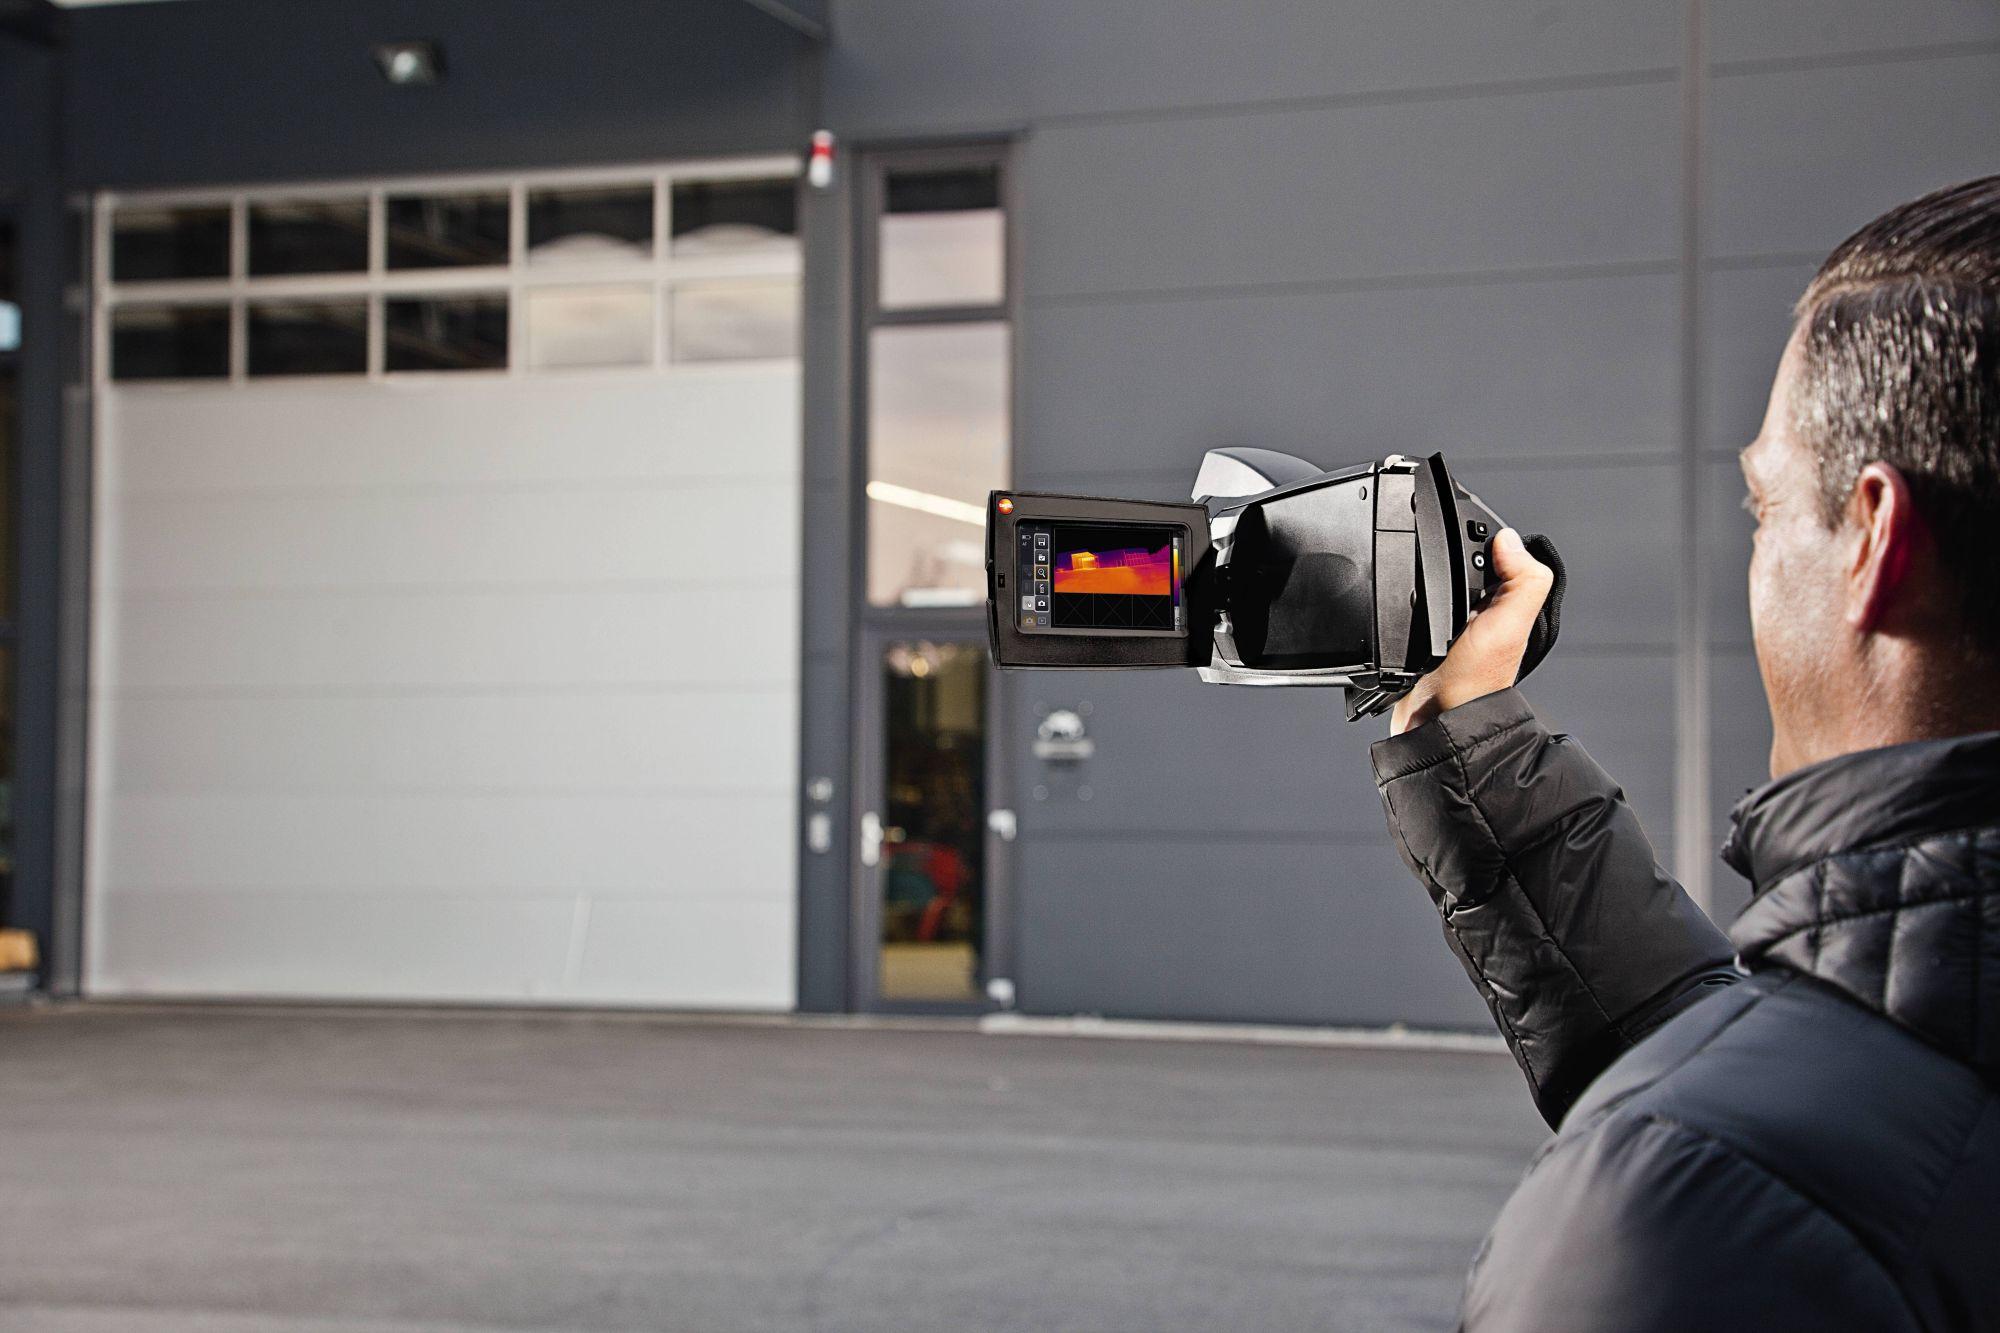 testo 890-1 warmtebeeldcamera